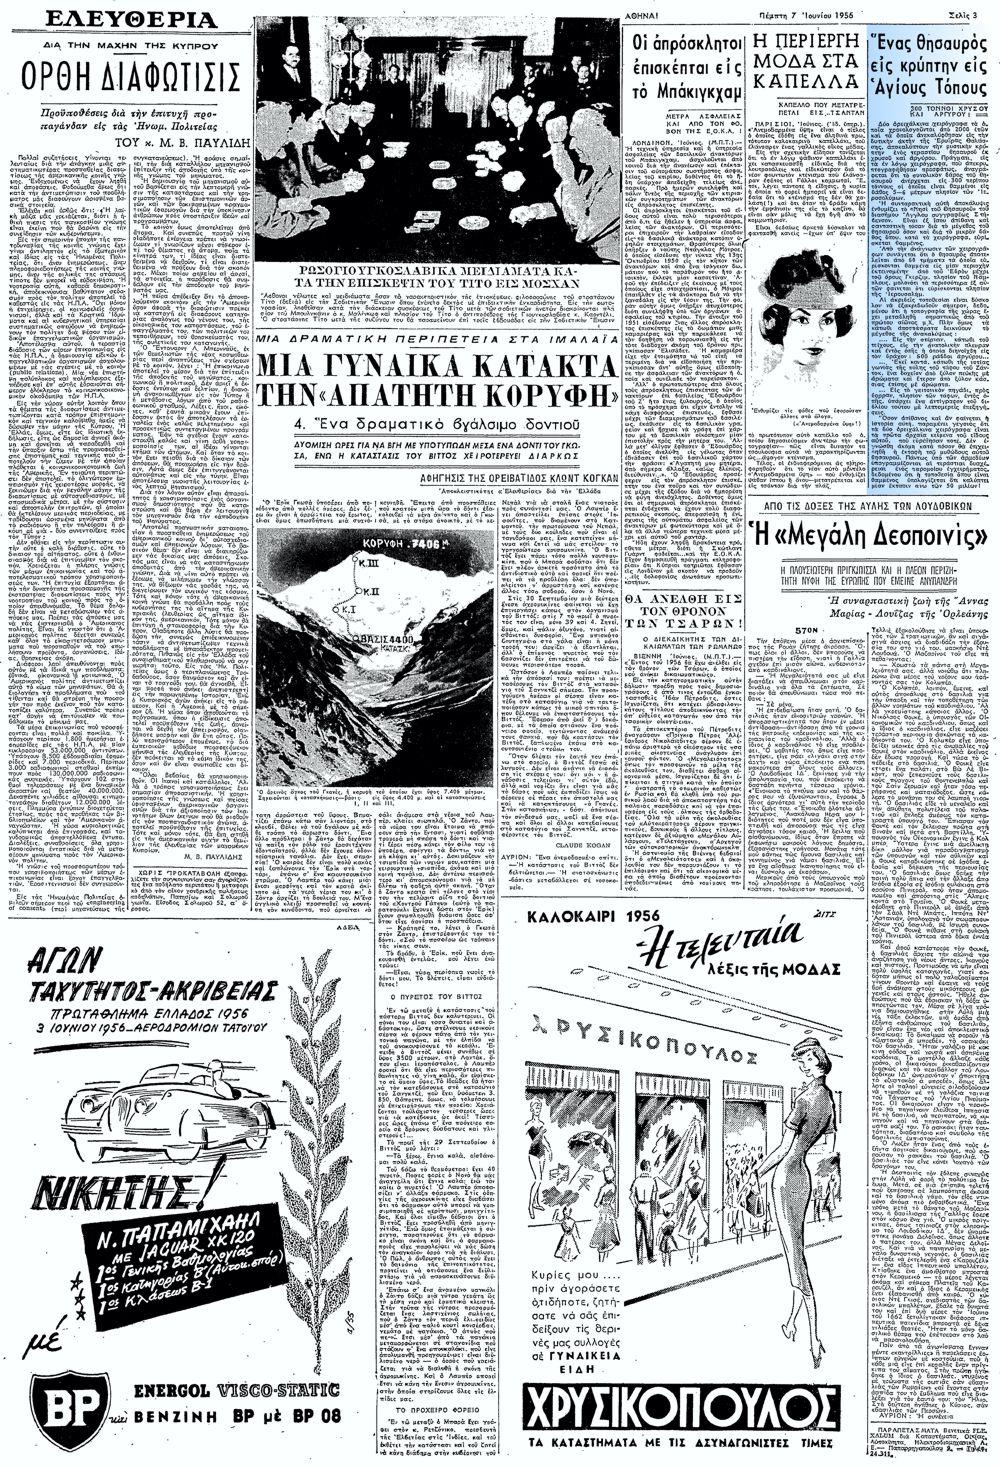 """Το άρθρο, όπως δημοσιεύθηκε στην εφημερίδα """"ΕΛΕΥΘΕΡΙΑ"""", στις 07/06/1956"""